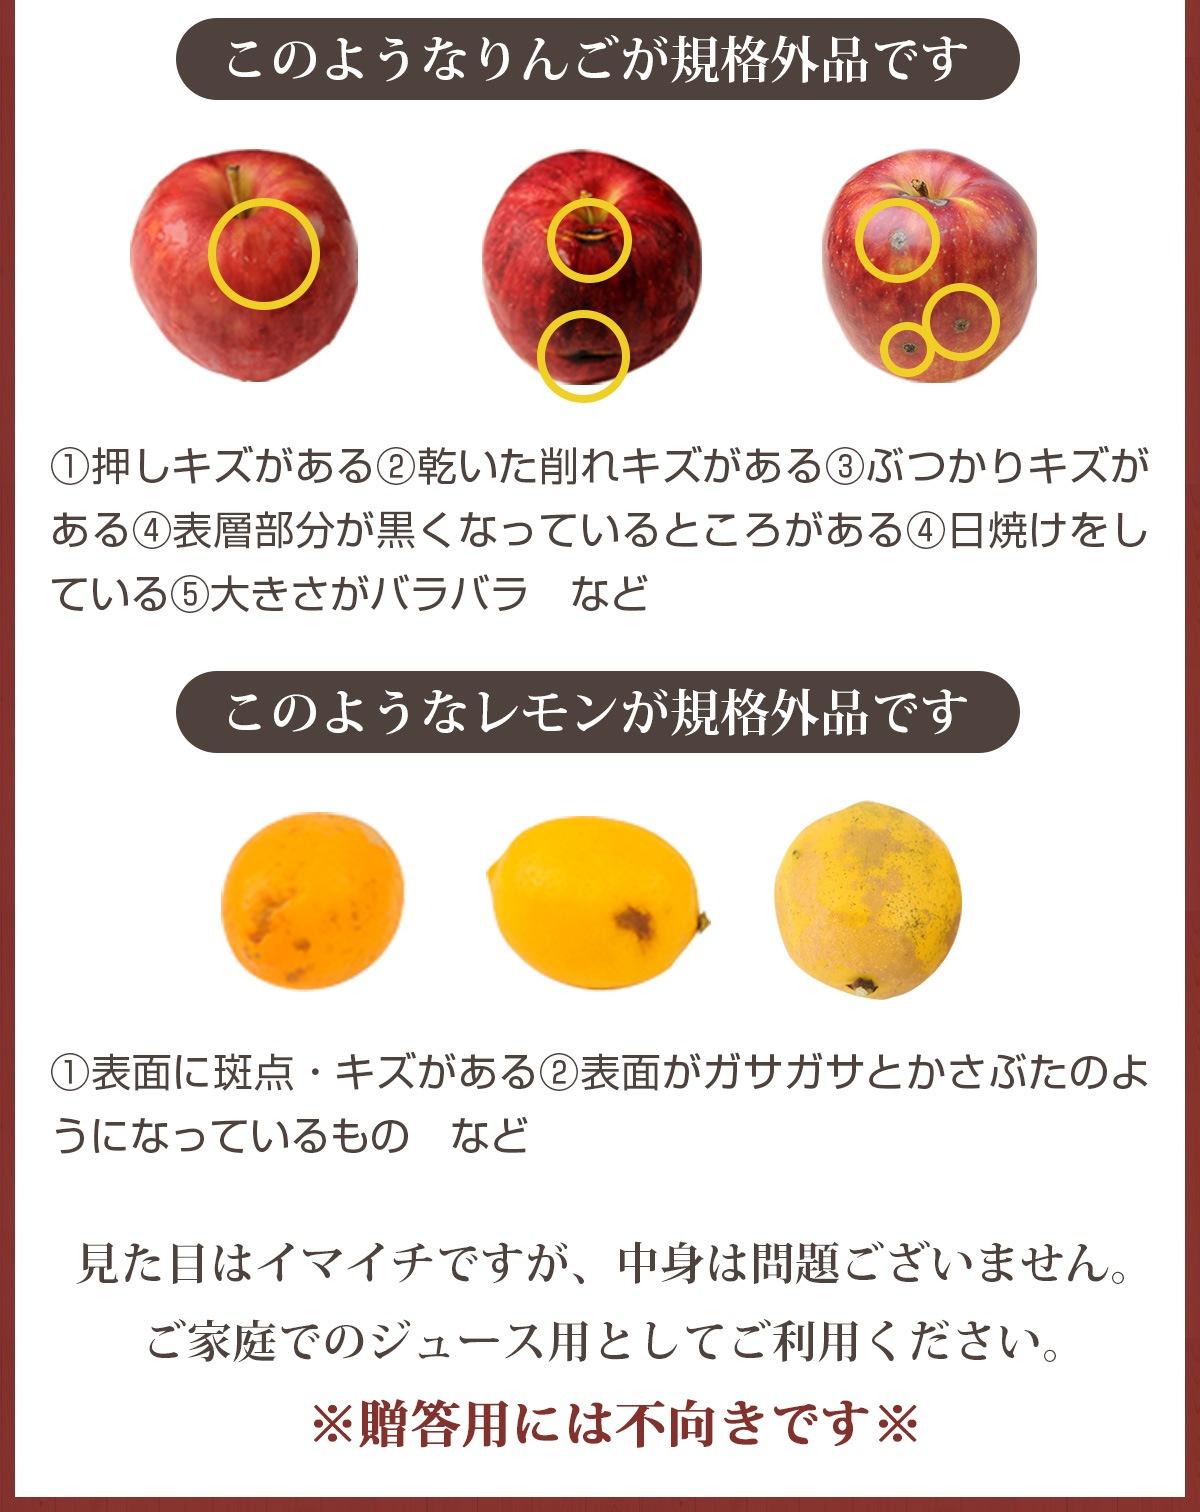 規格外品のりんご、レモン